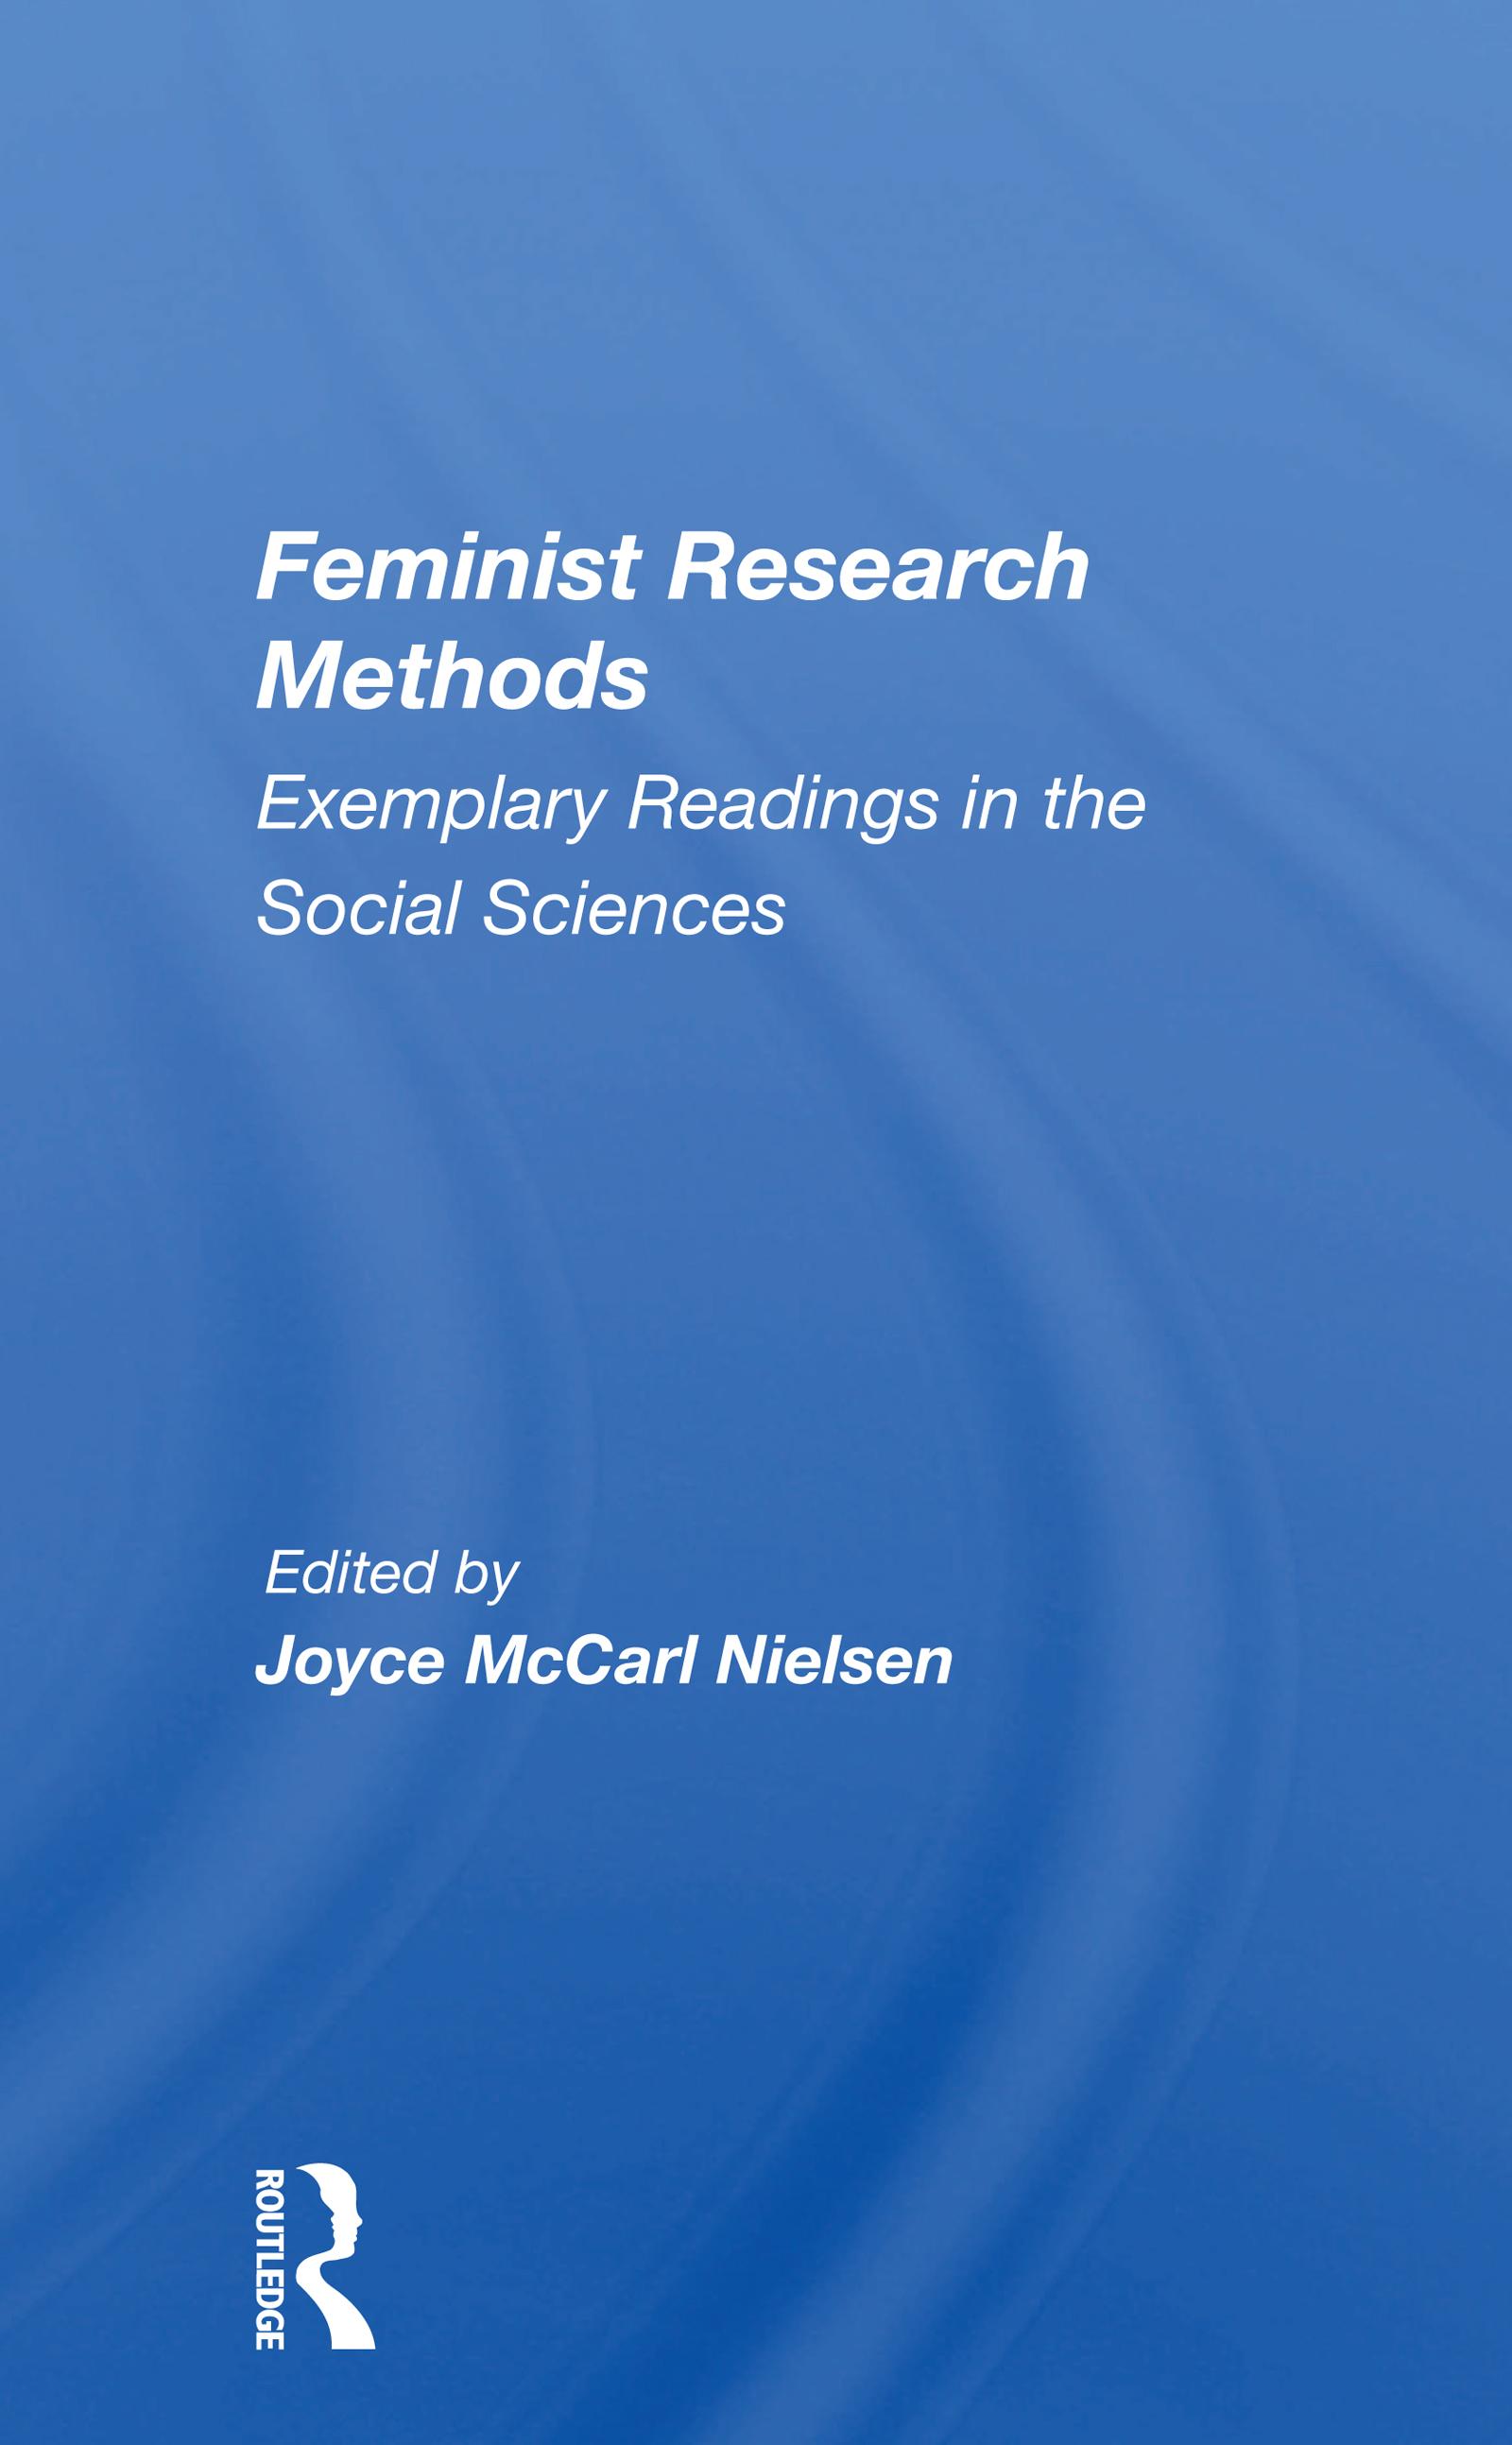 Feminist Research Methods